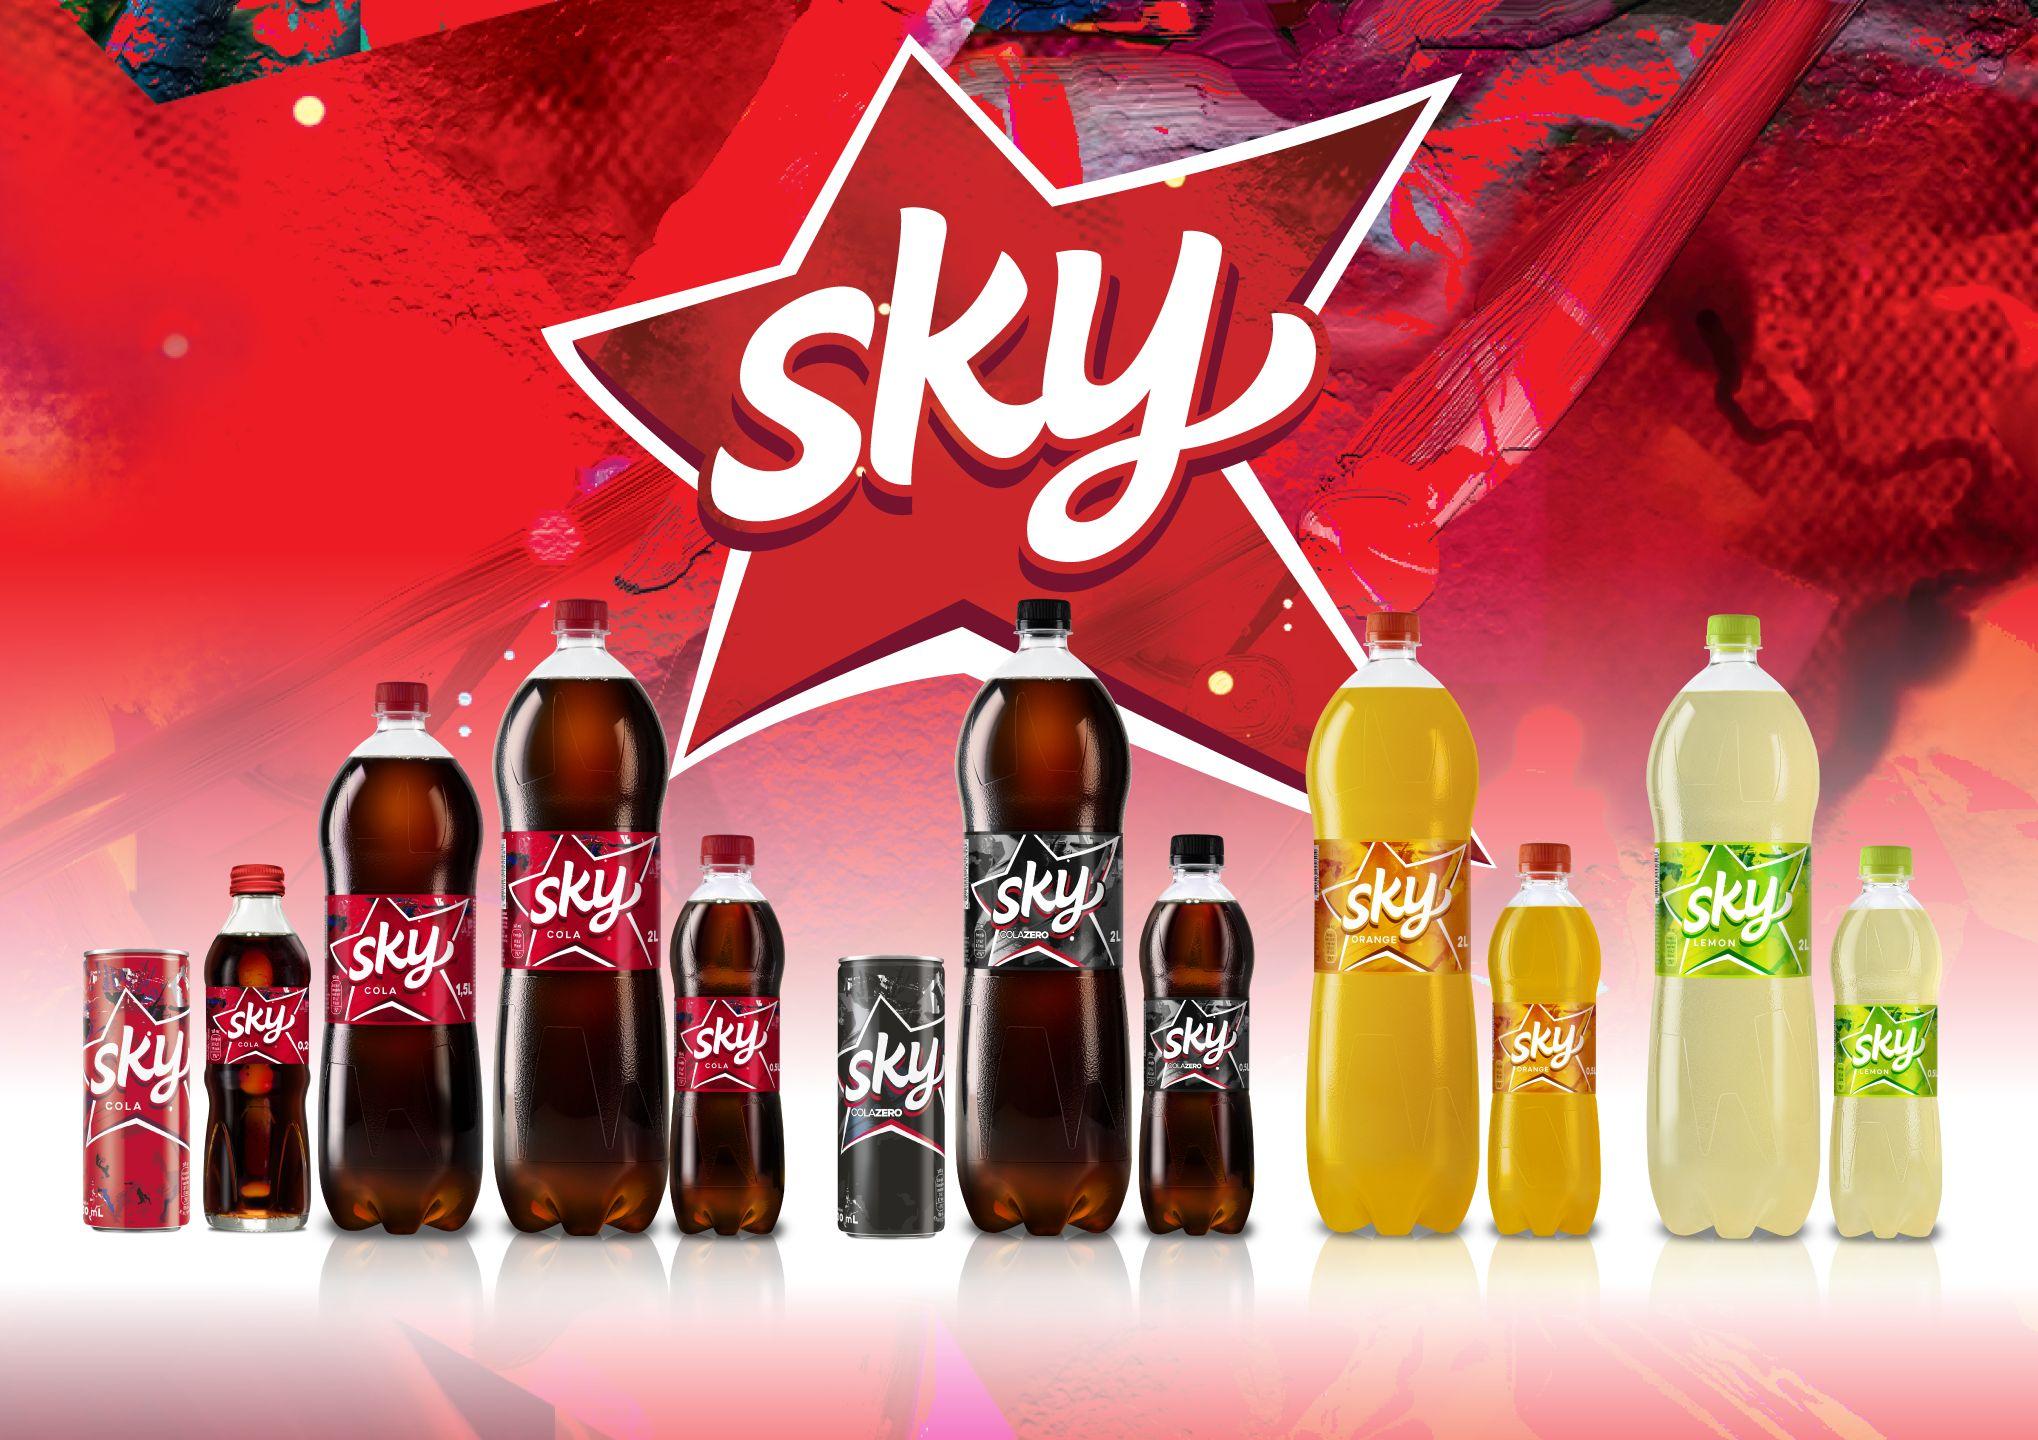 Novi dizajn limenke Sky pića